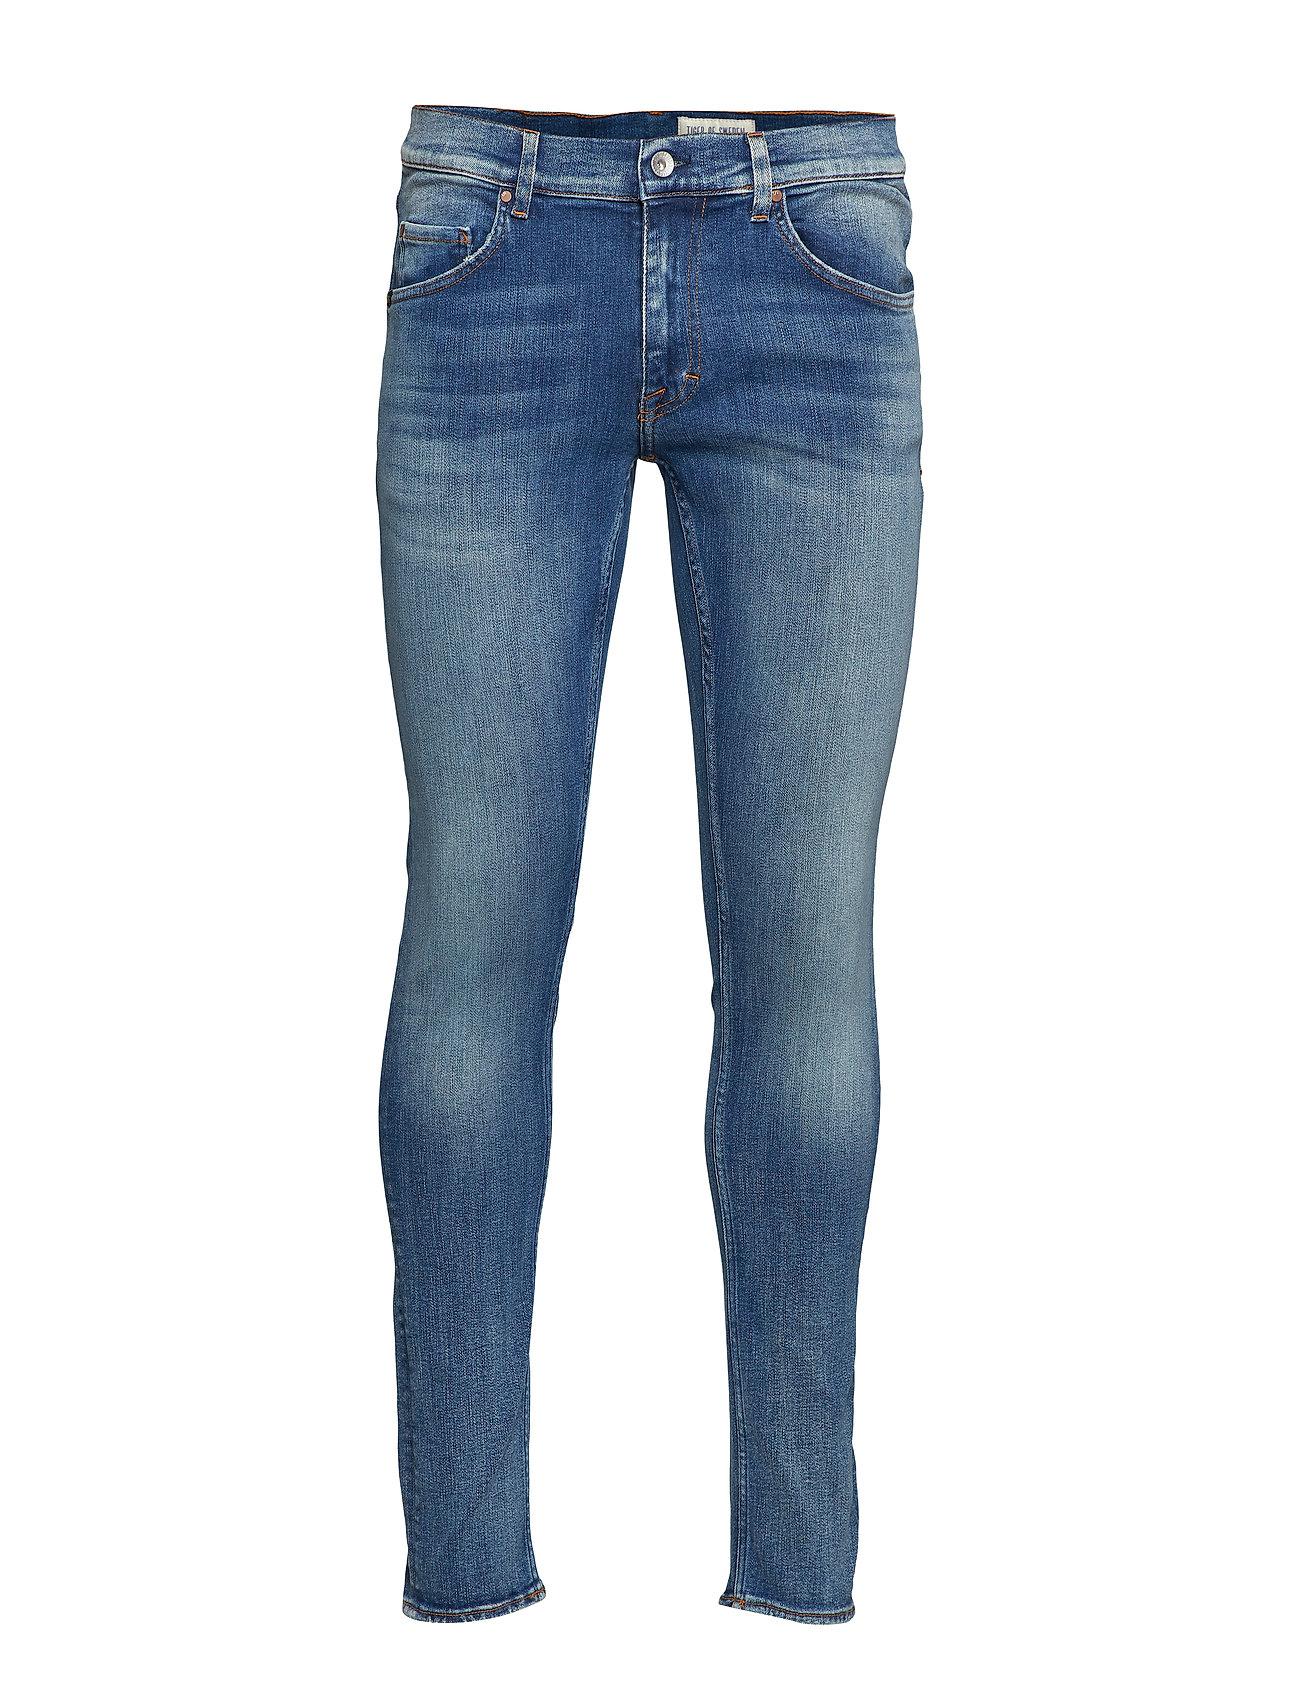 Tiger of Sweden Jeans SLIM - DUST BLUE